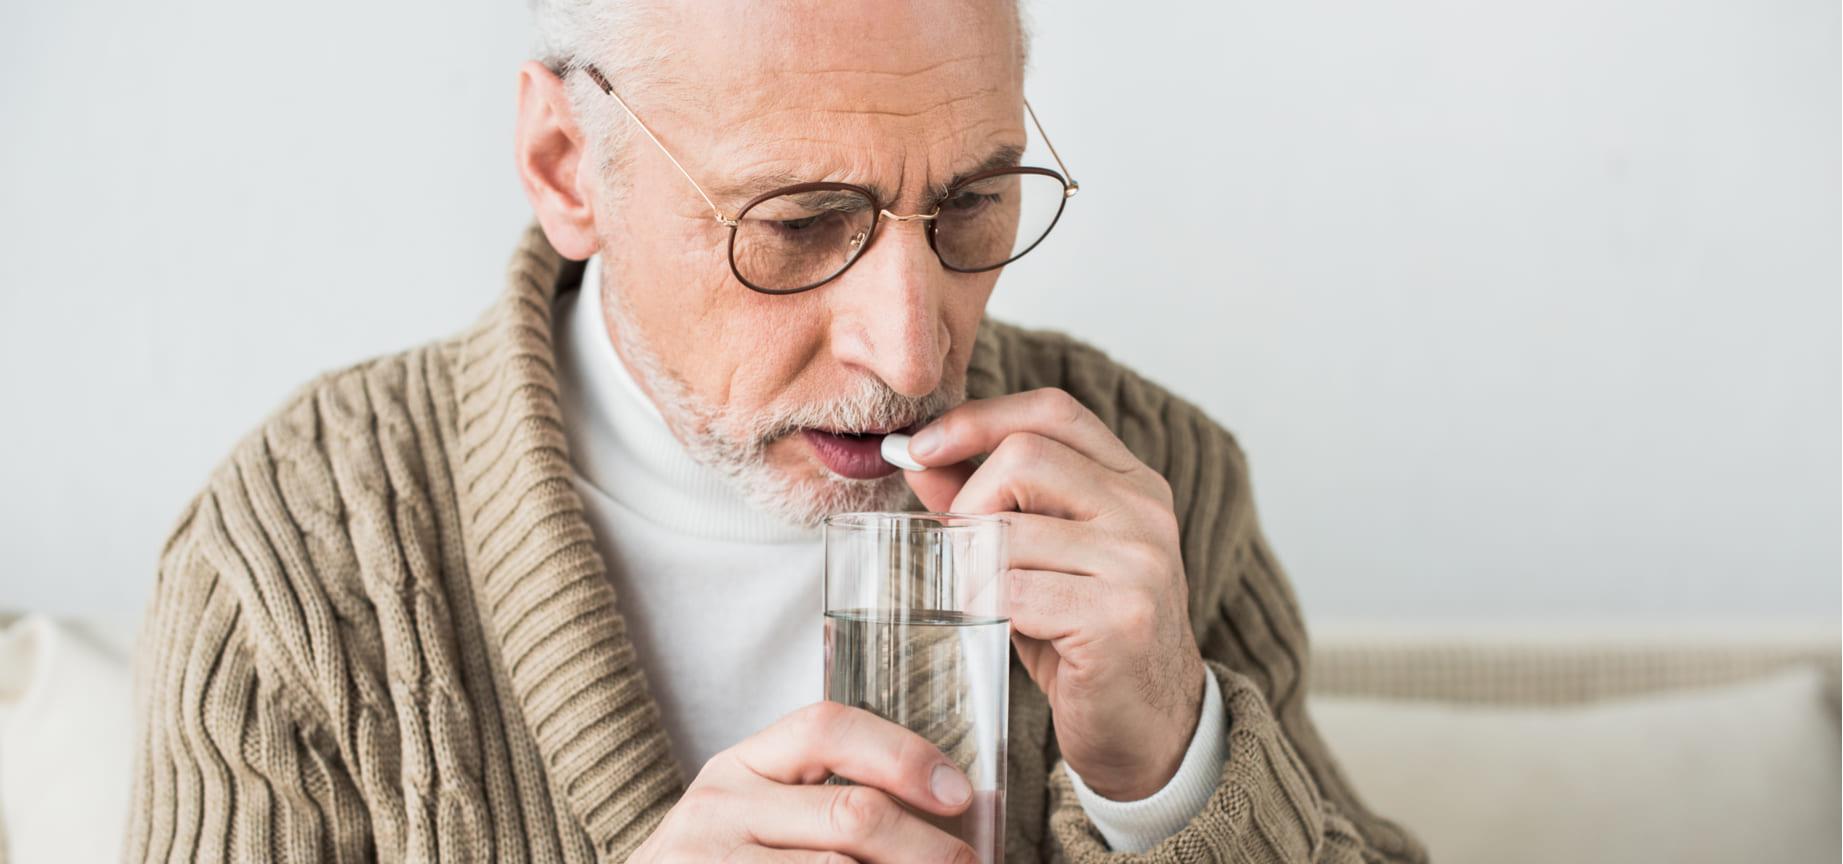 La hidroxicloroquina podría causar arritmias cardíacas malignas